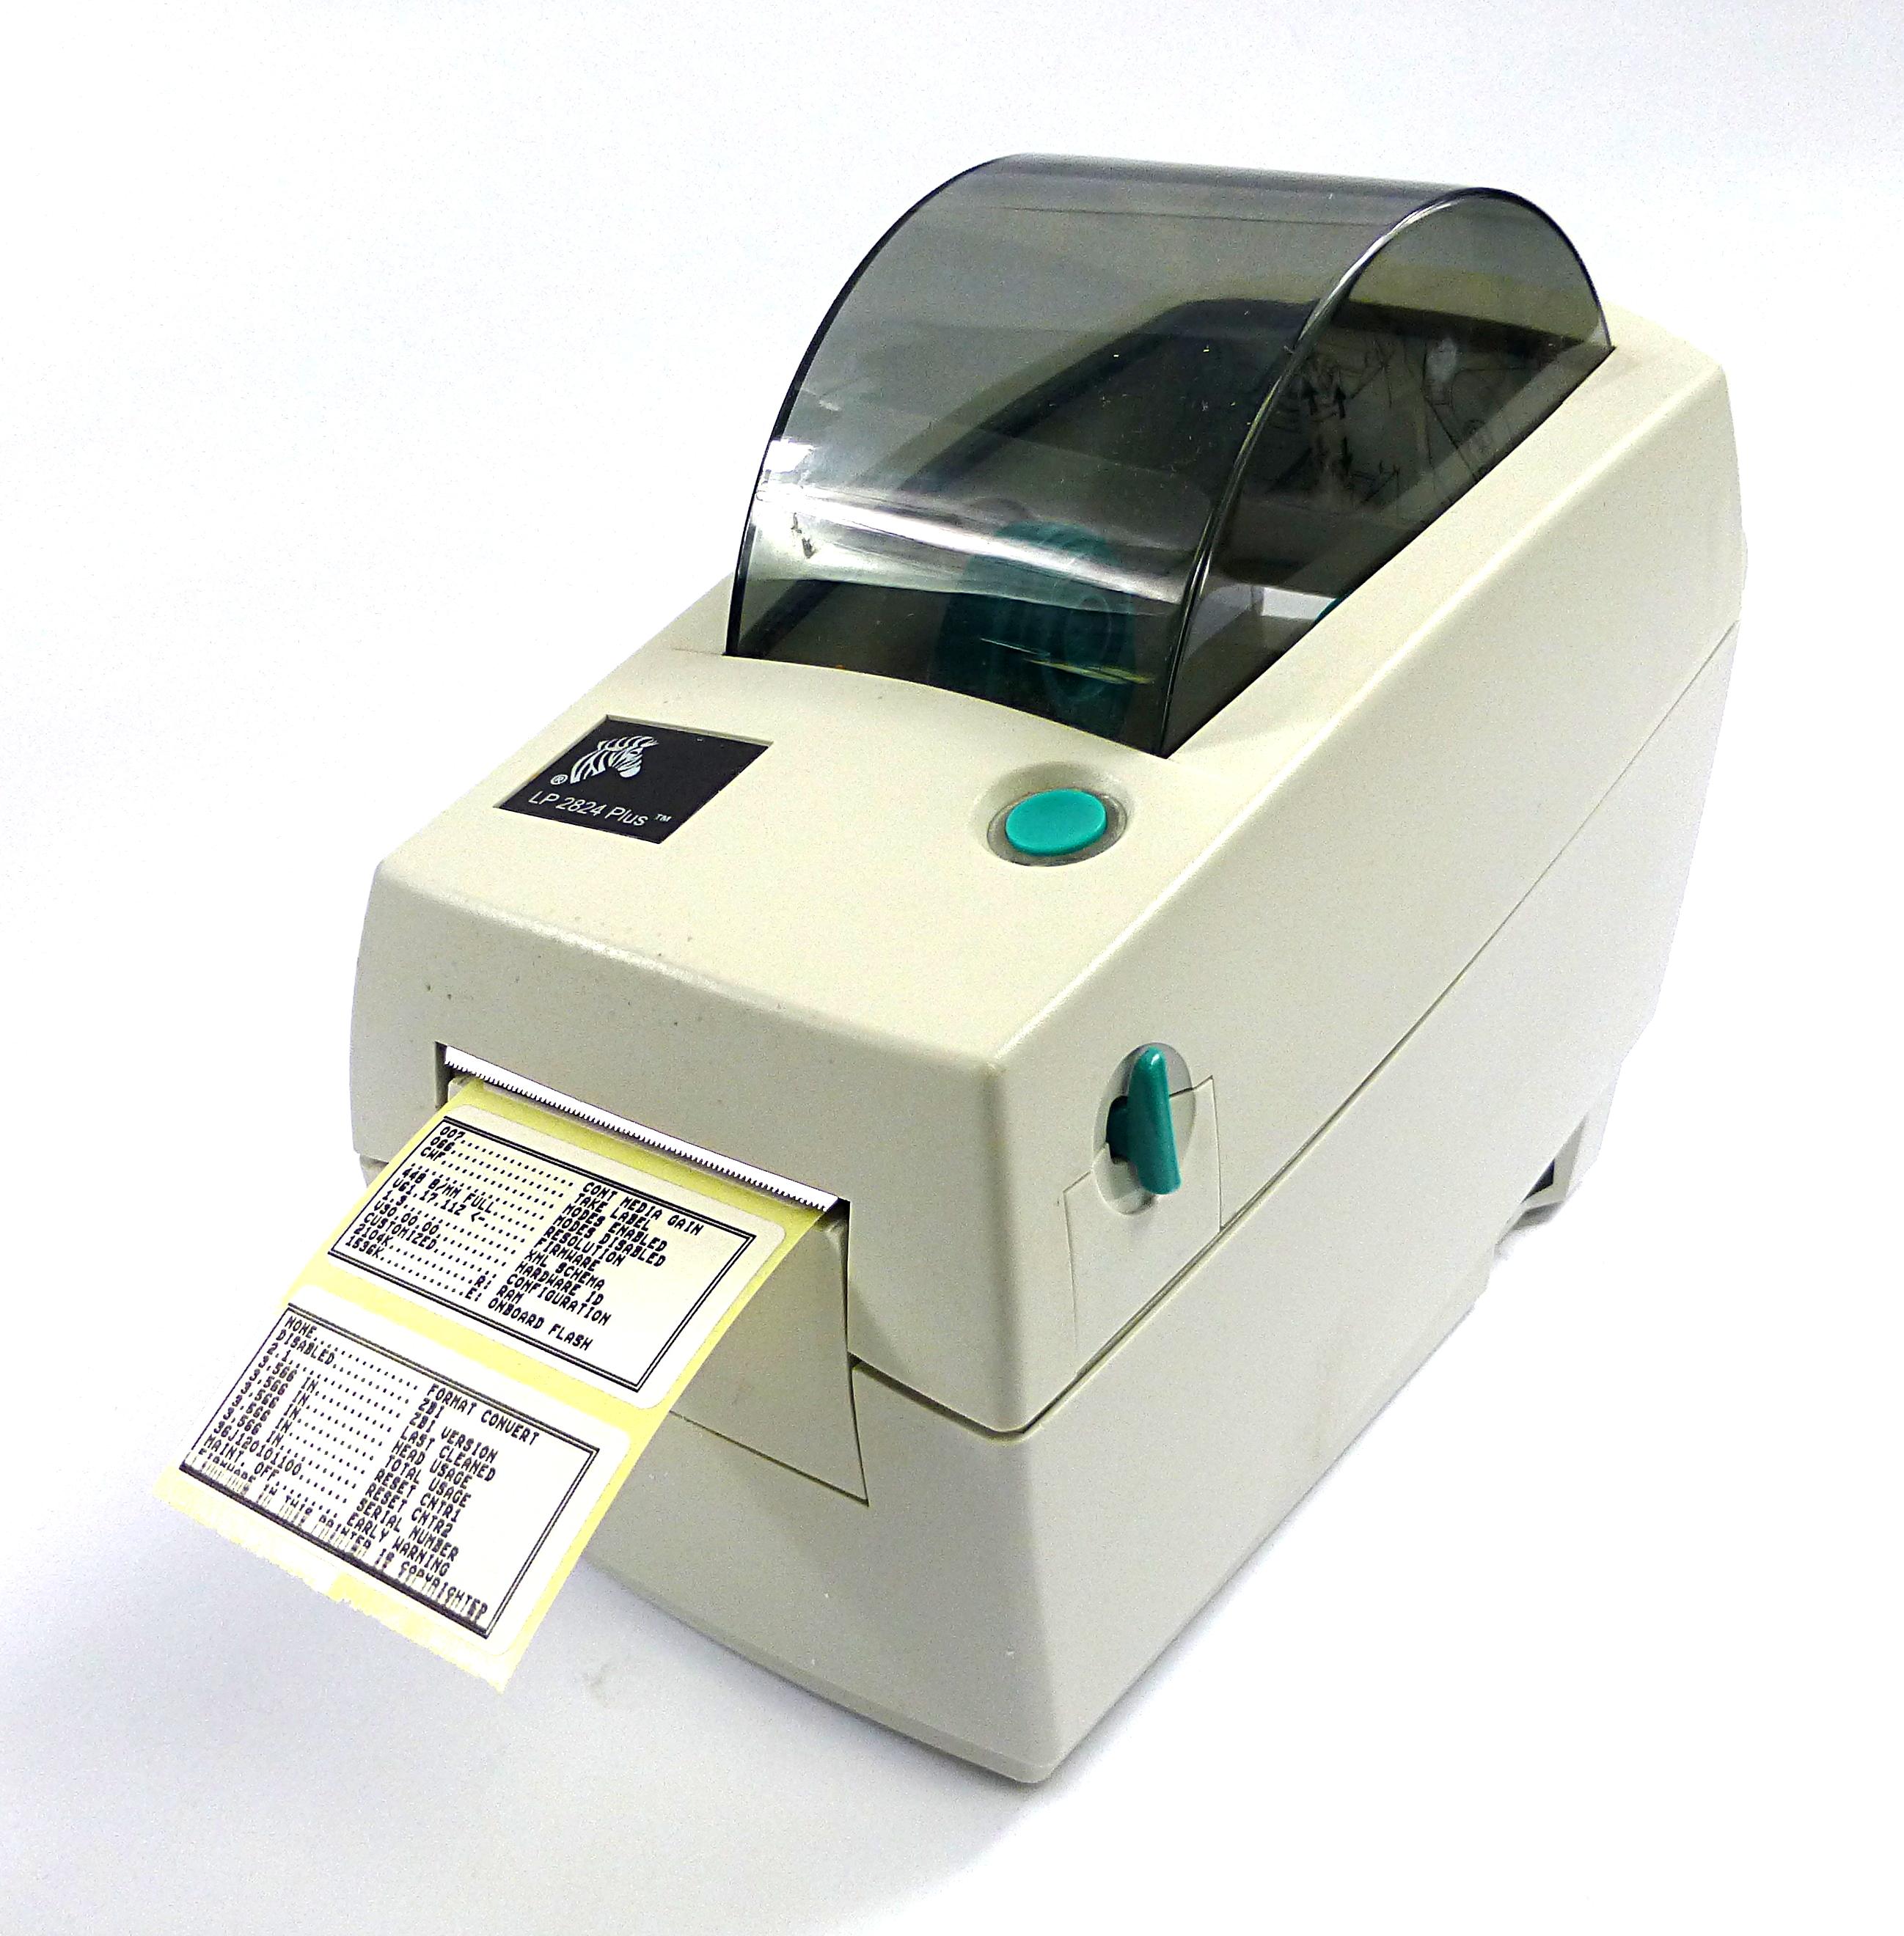 Zebra LP2824 Plus Thermal Label Printer No AC Adapter ...